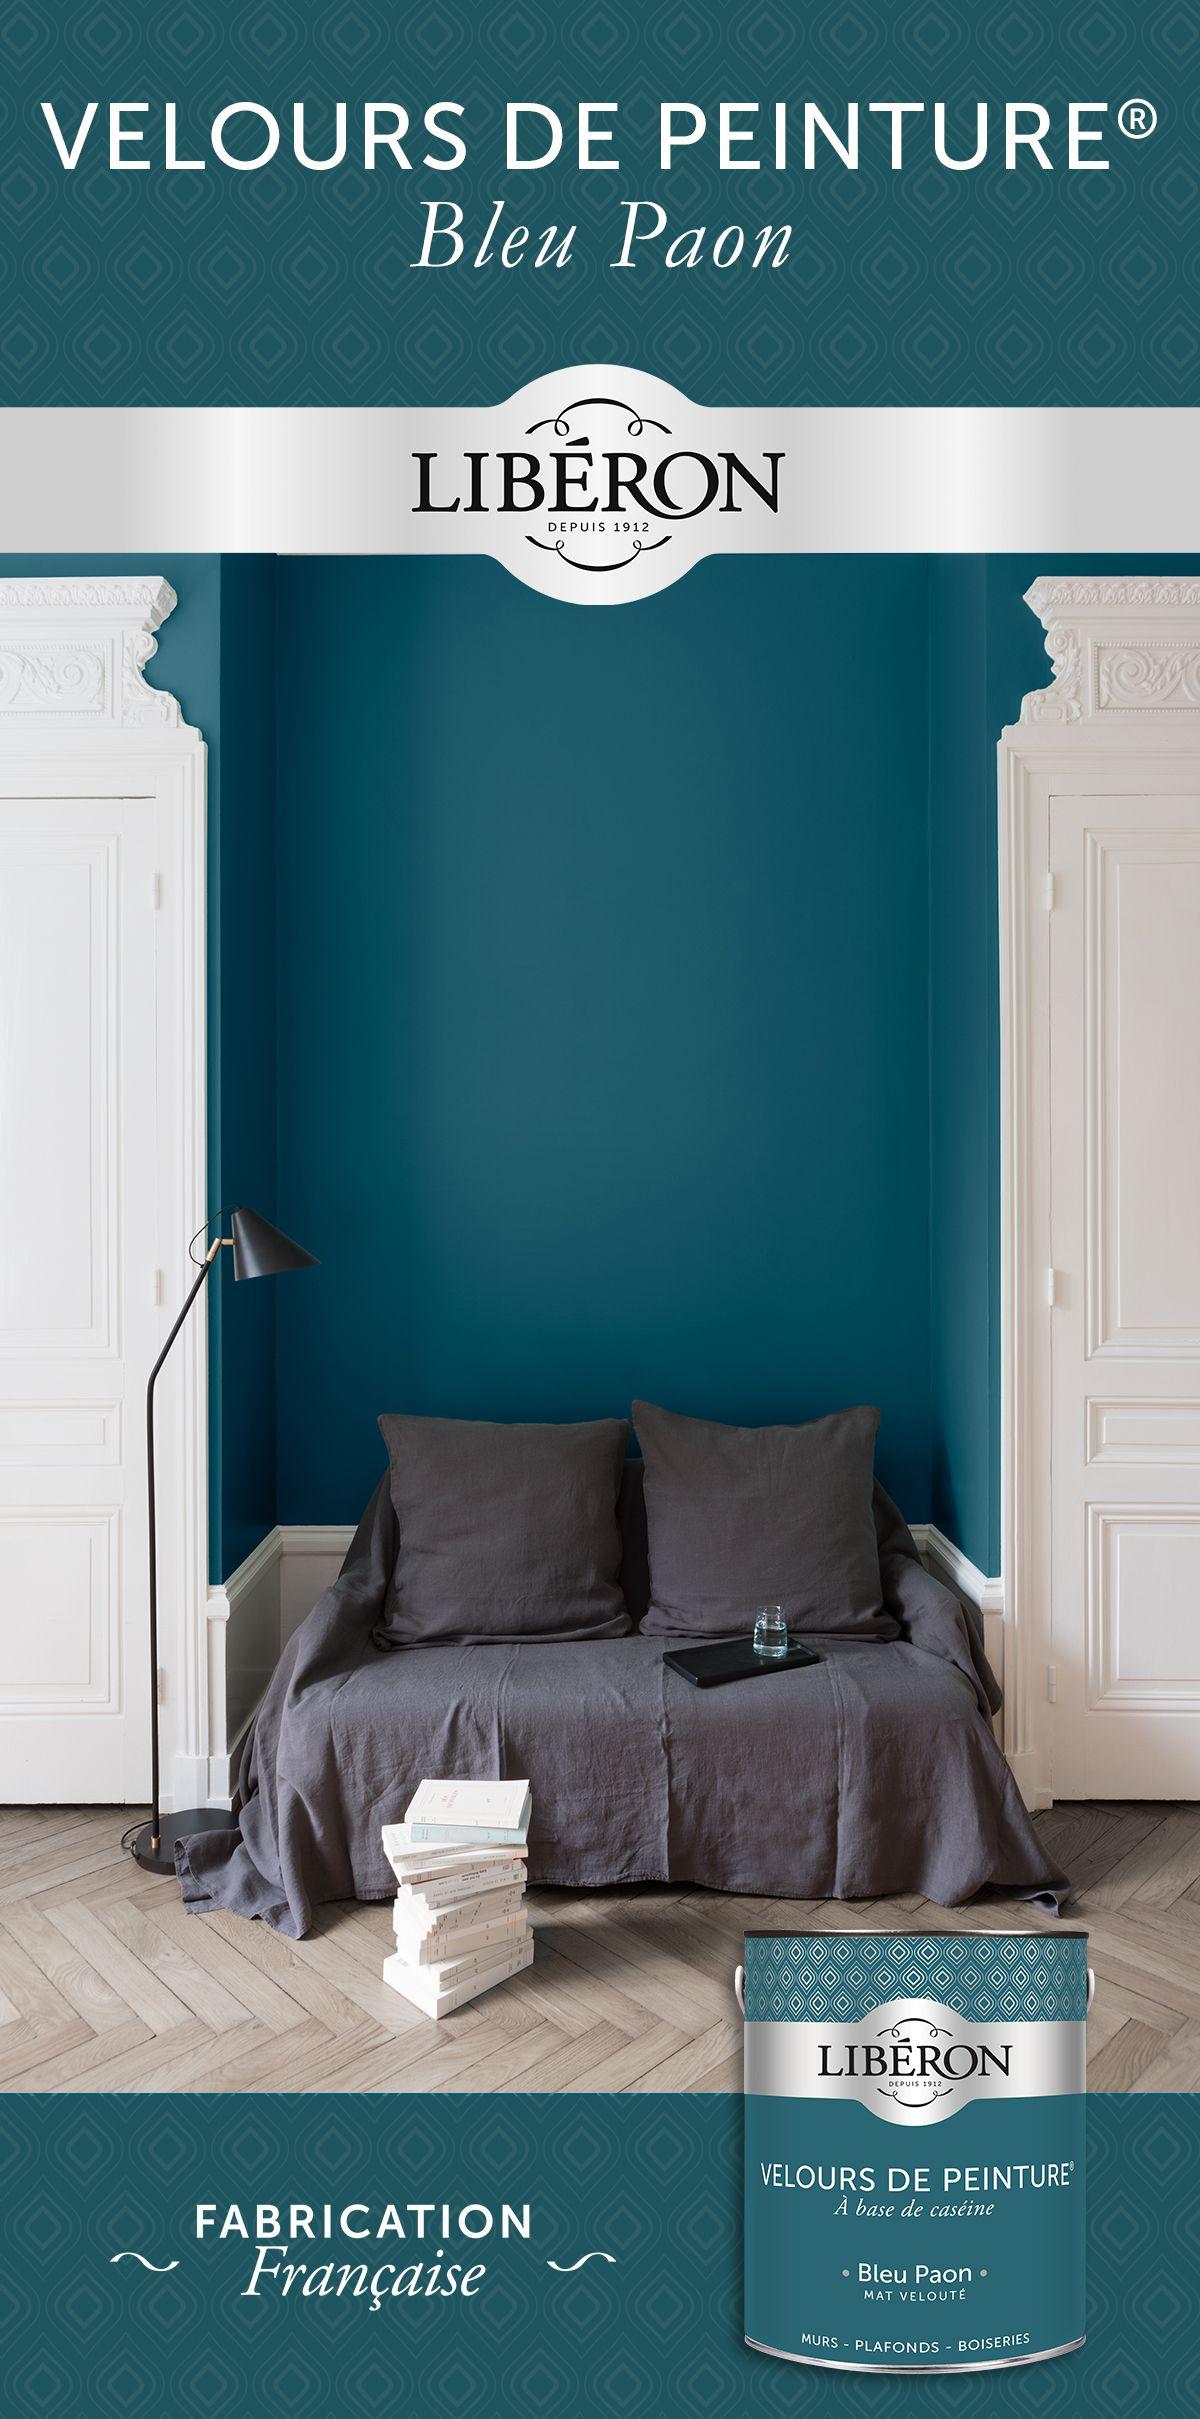 Décoration D Intérieur Peinture Murale peinture murale - velours de peinture ® - libéron | peinture